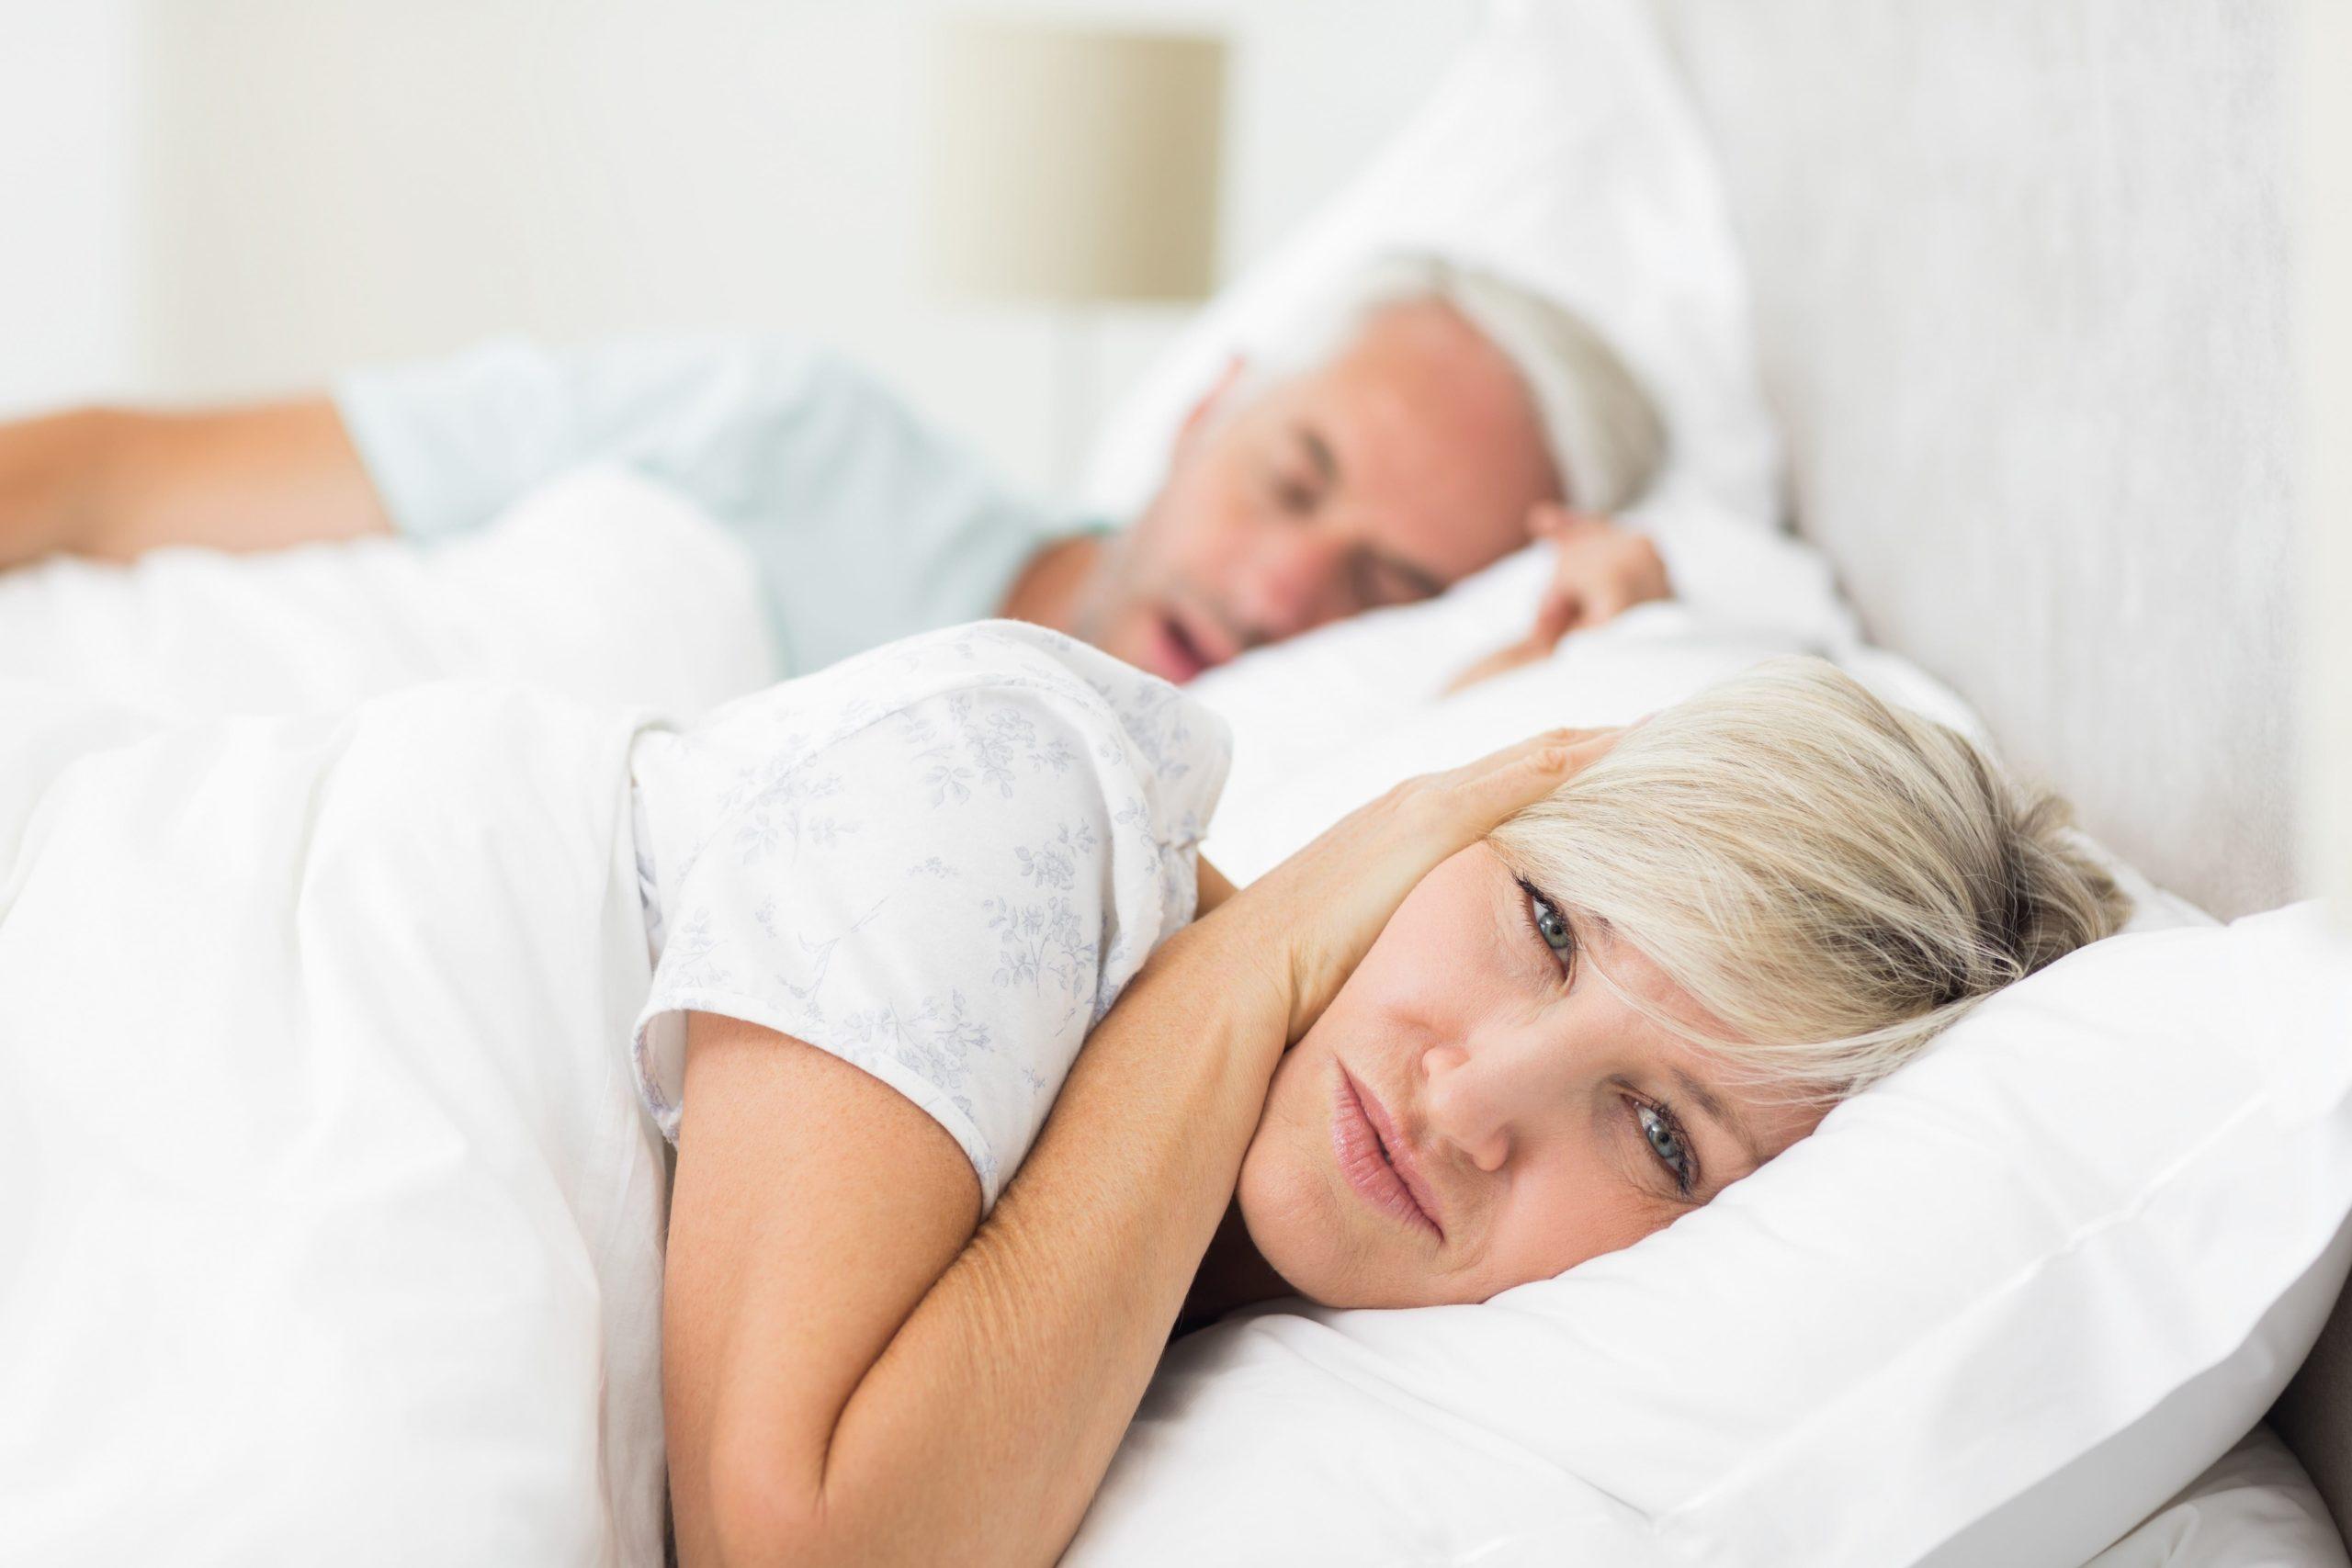 Frau hält sich im Bett die Ohren zu, weil sie das laute Schnarchen stört